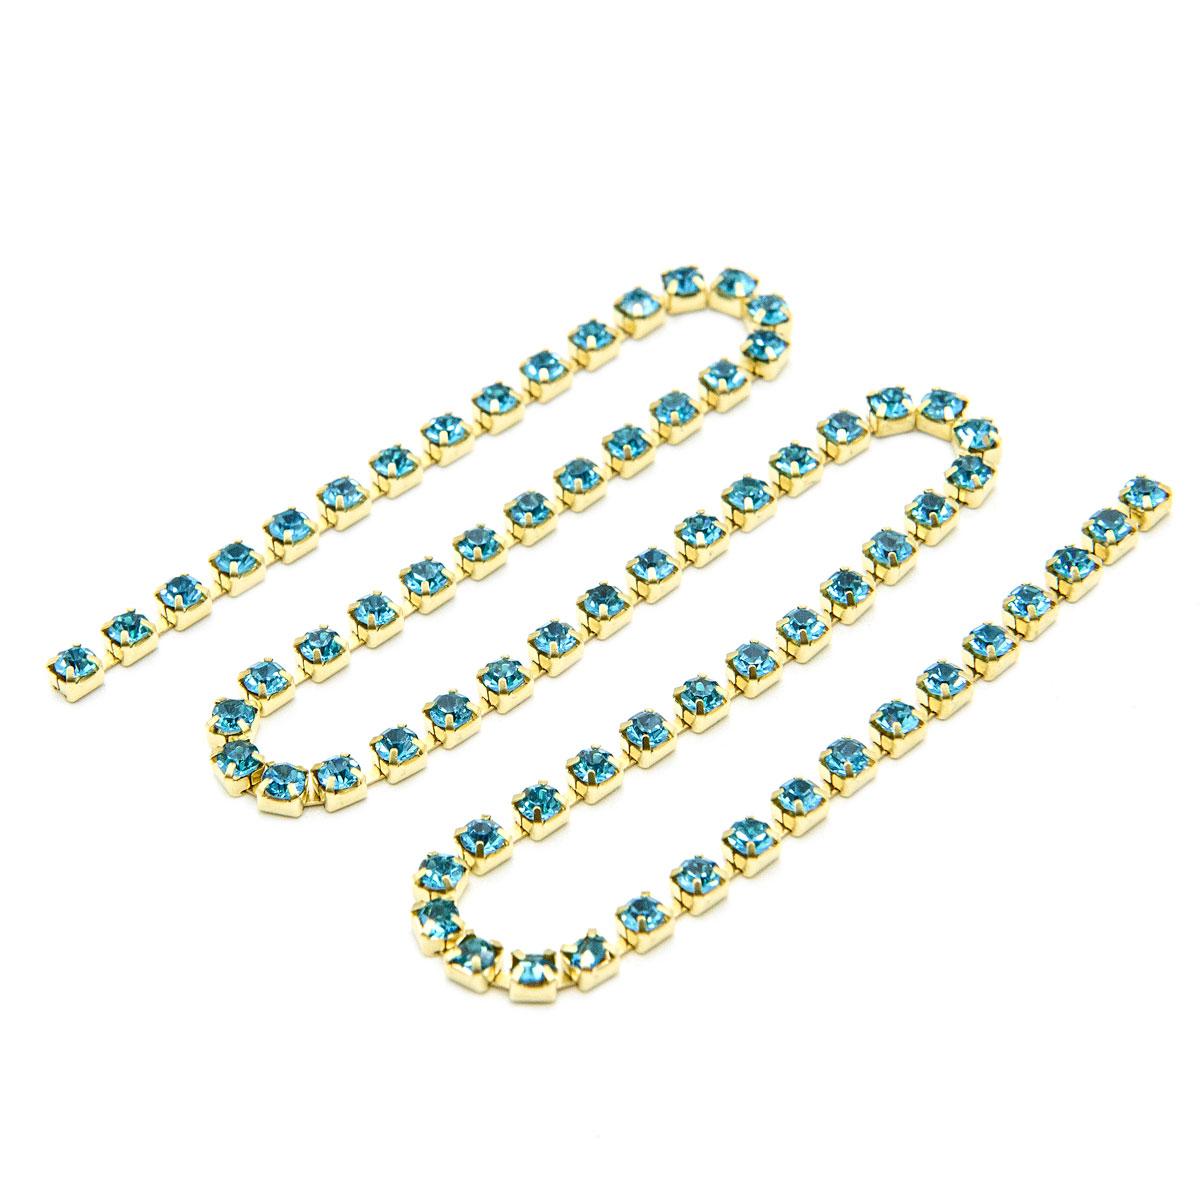 ЦС003ЗЦ3 Стразовые цепочки (золото), цвет: ярко-голубой, размер 3 мм, 30 см/упак.